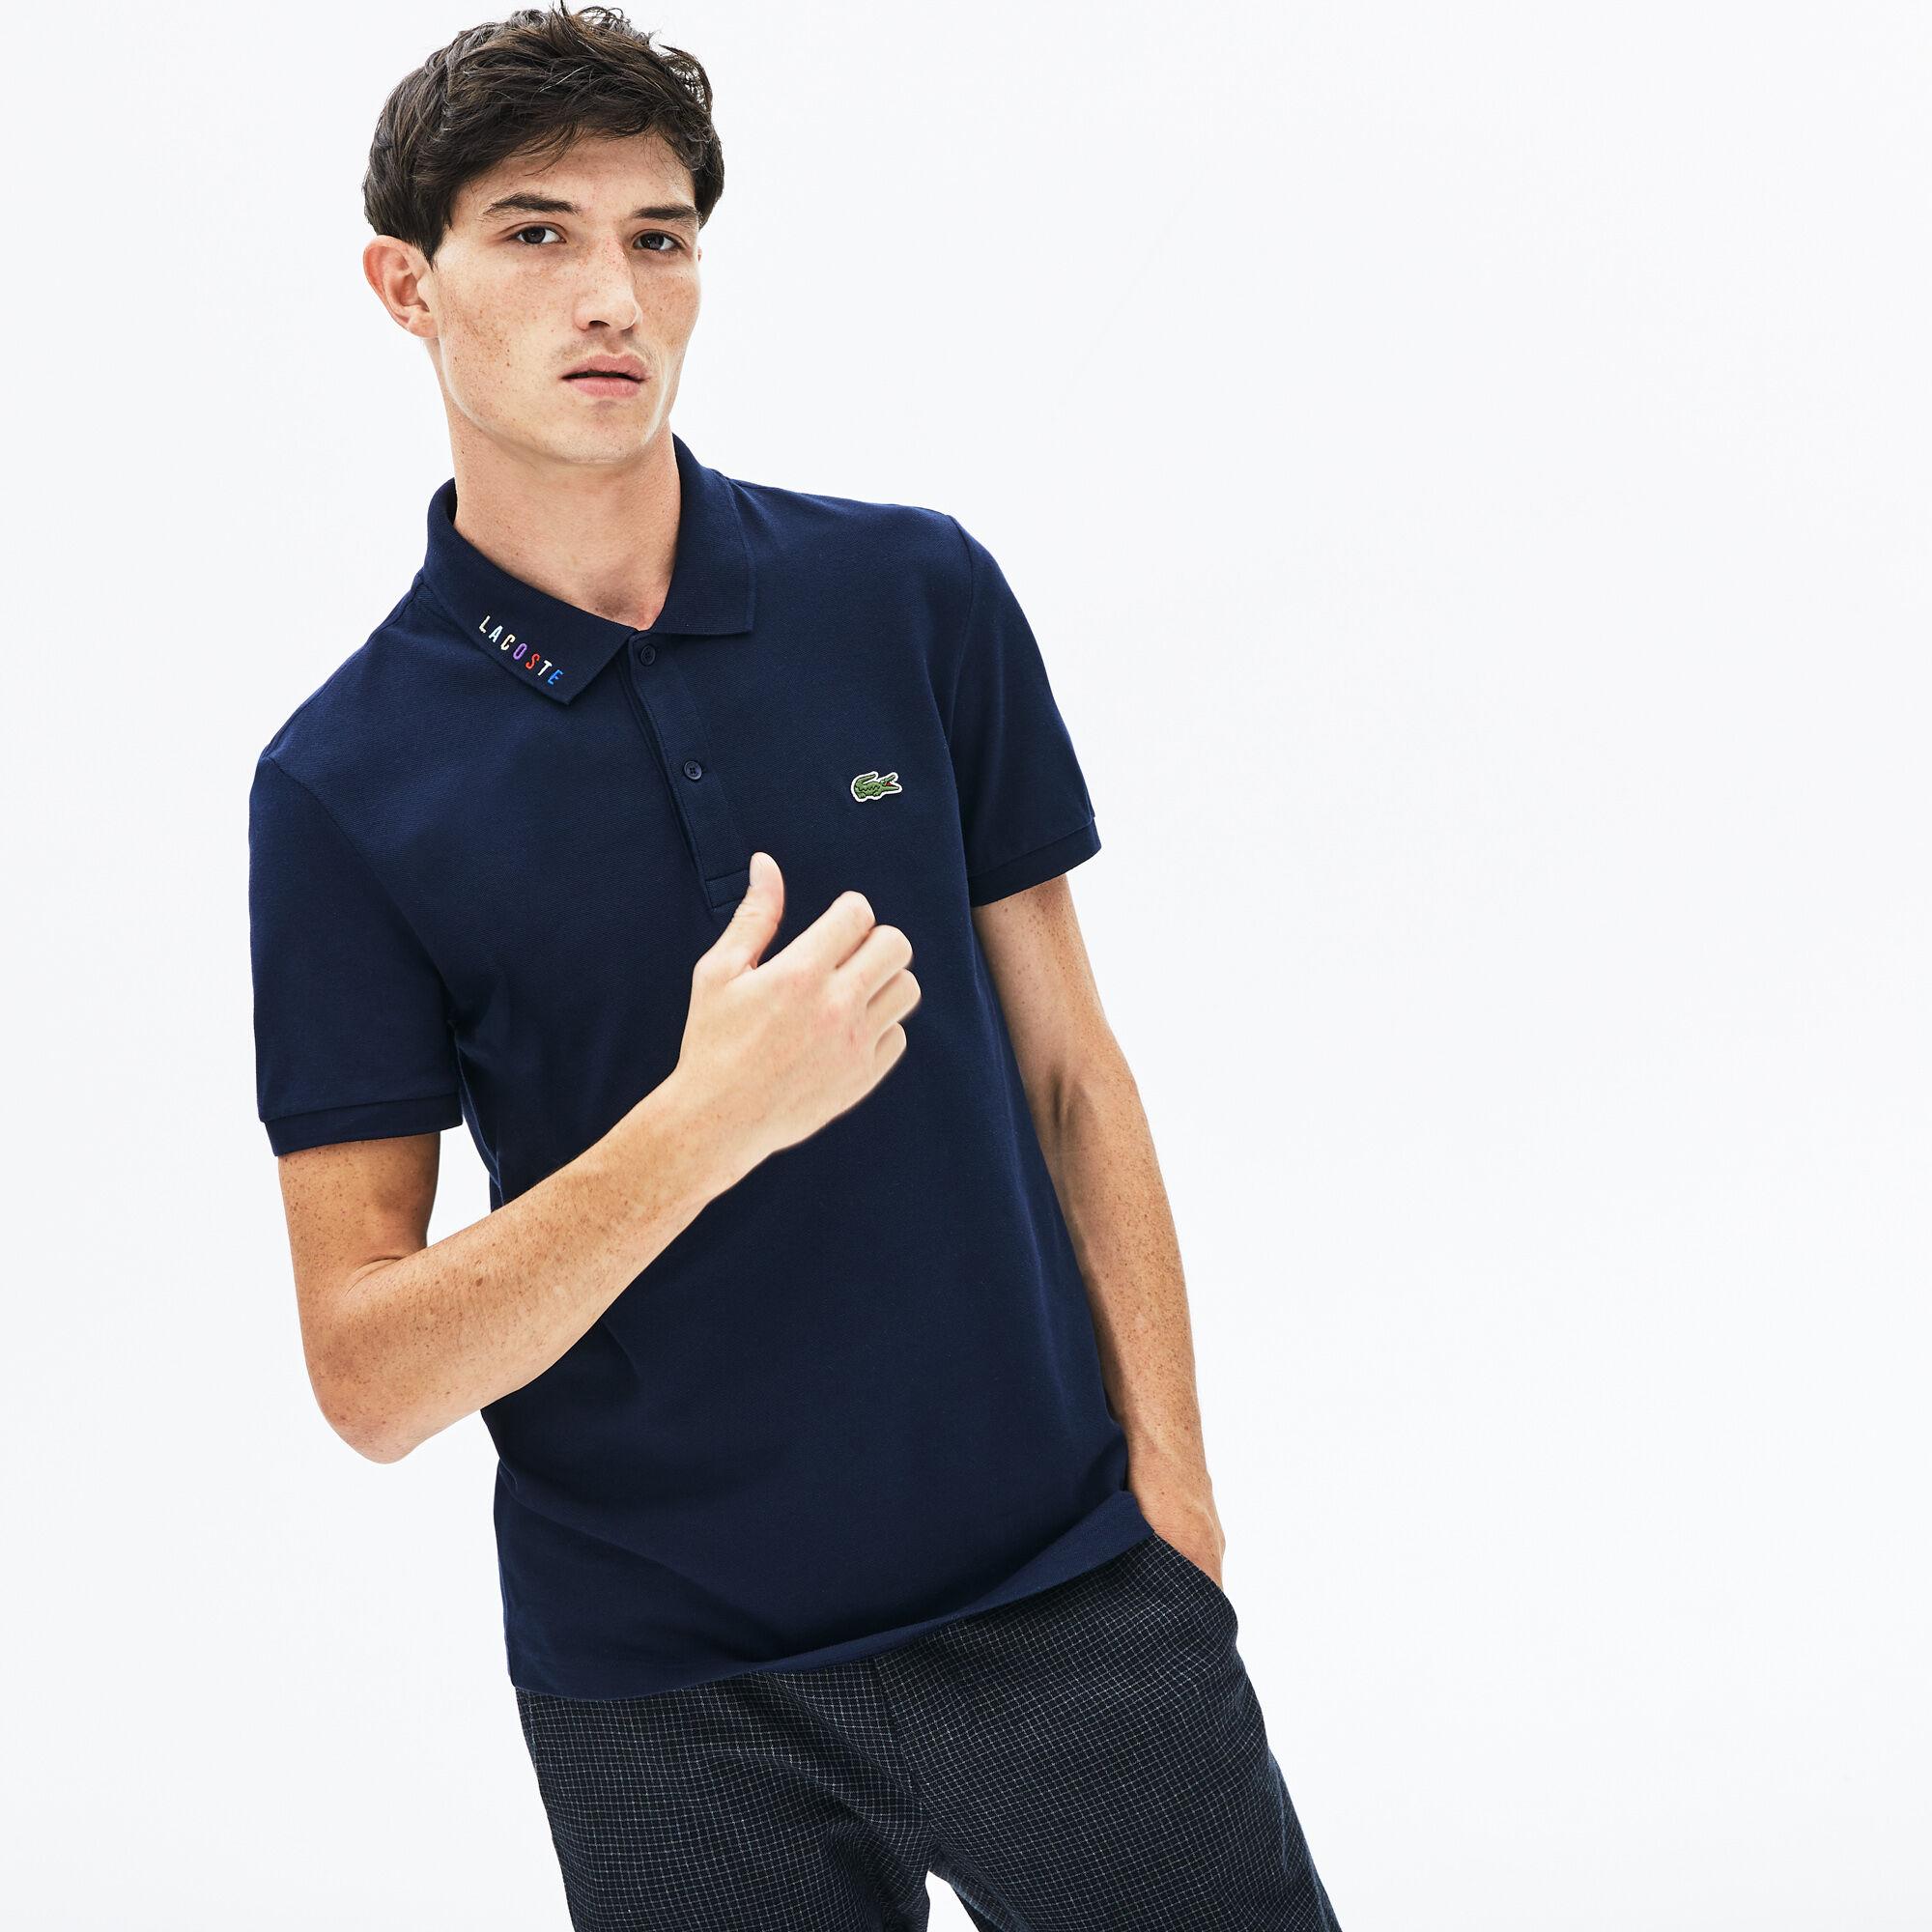 Men's Lacoste Slim Fit Multicoloured Signature Stretch Piqué Polo Shirt